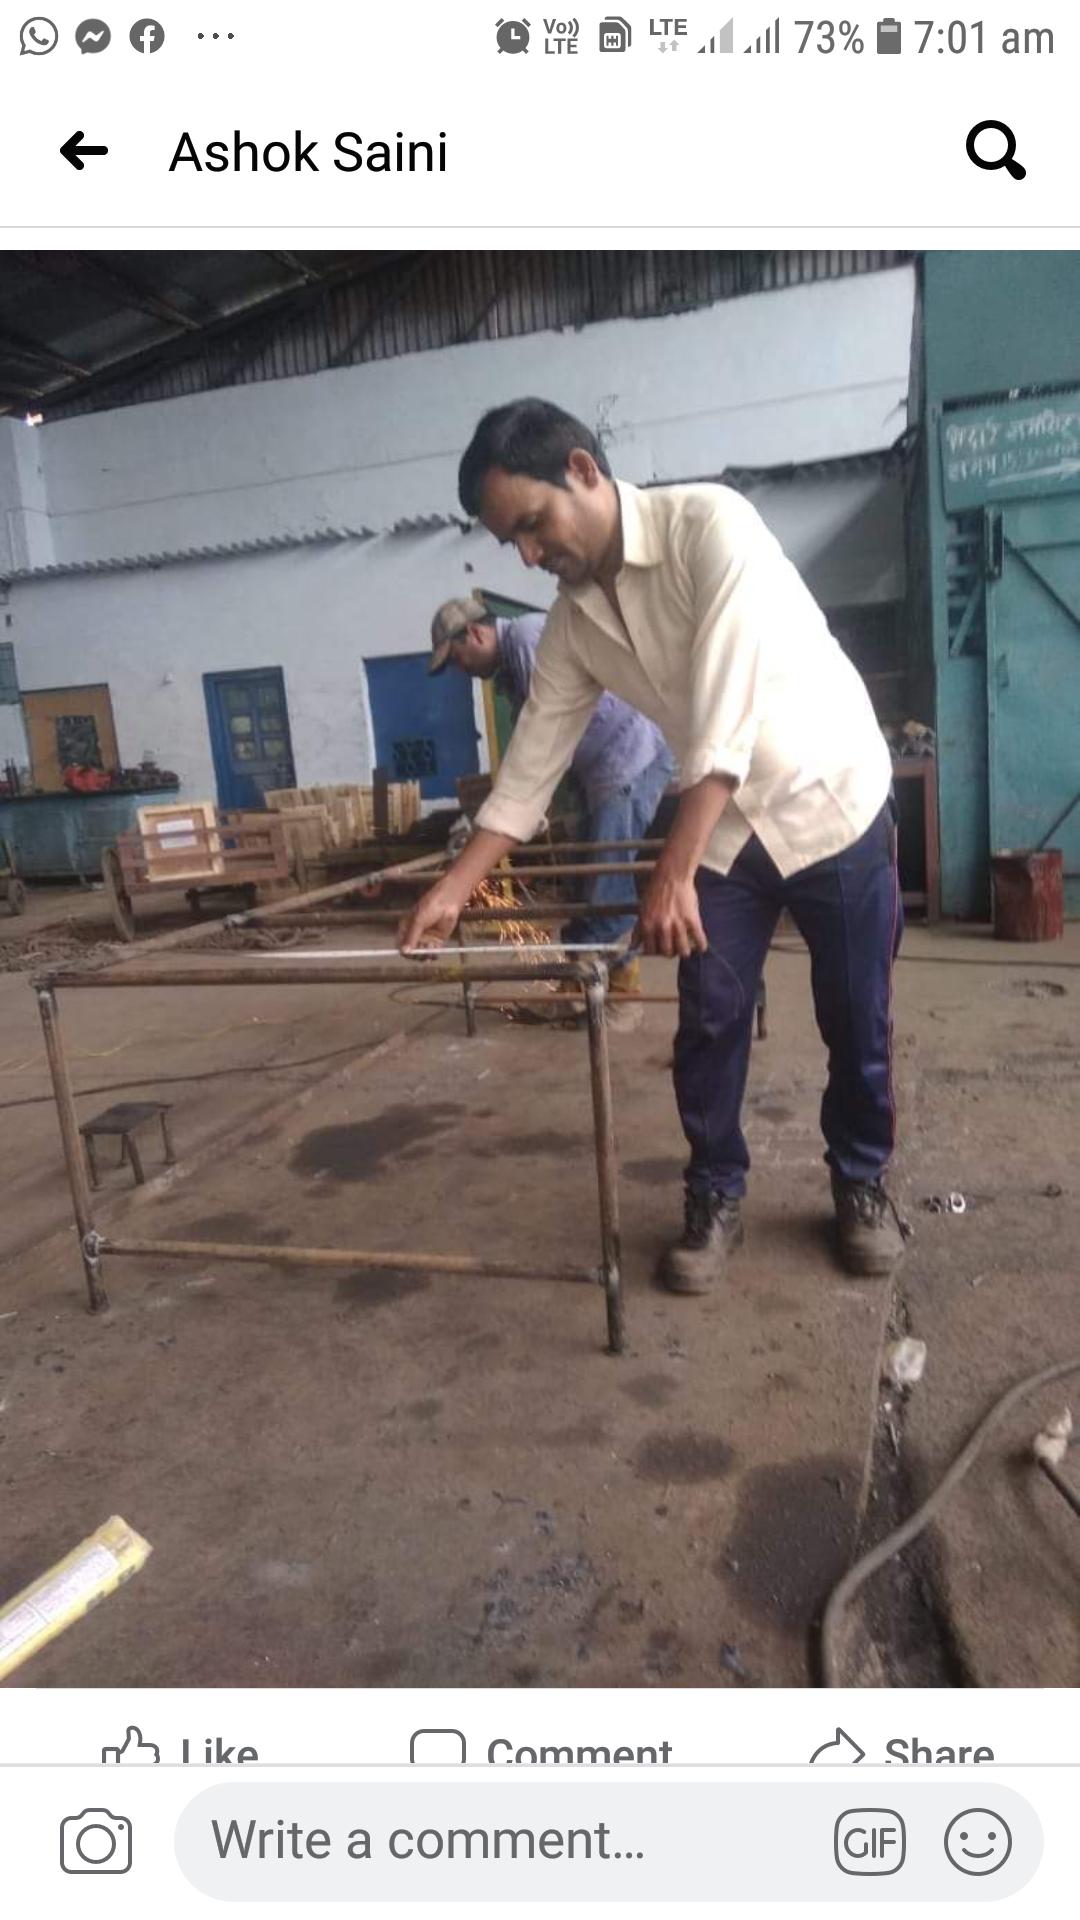 माल डिब्बा मरम्मत कारखाना में मरीज बेड़ बनाने एवं सेनाटाईजर का कार्य युद्घ स्तर पर